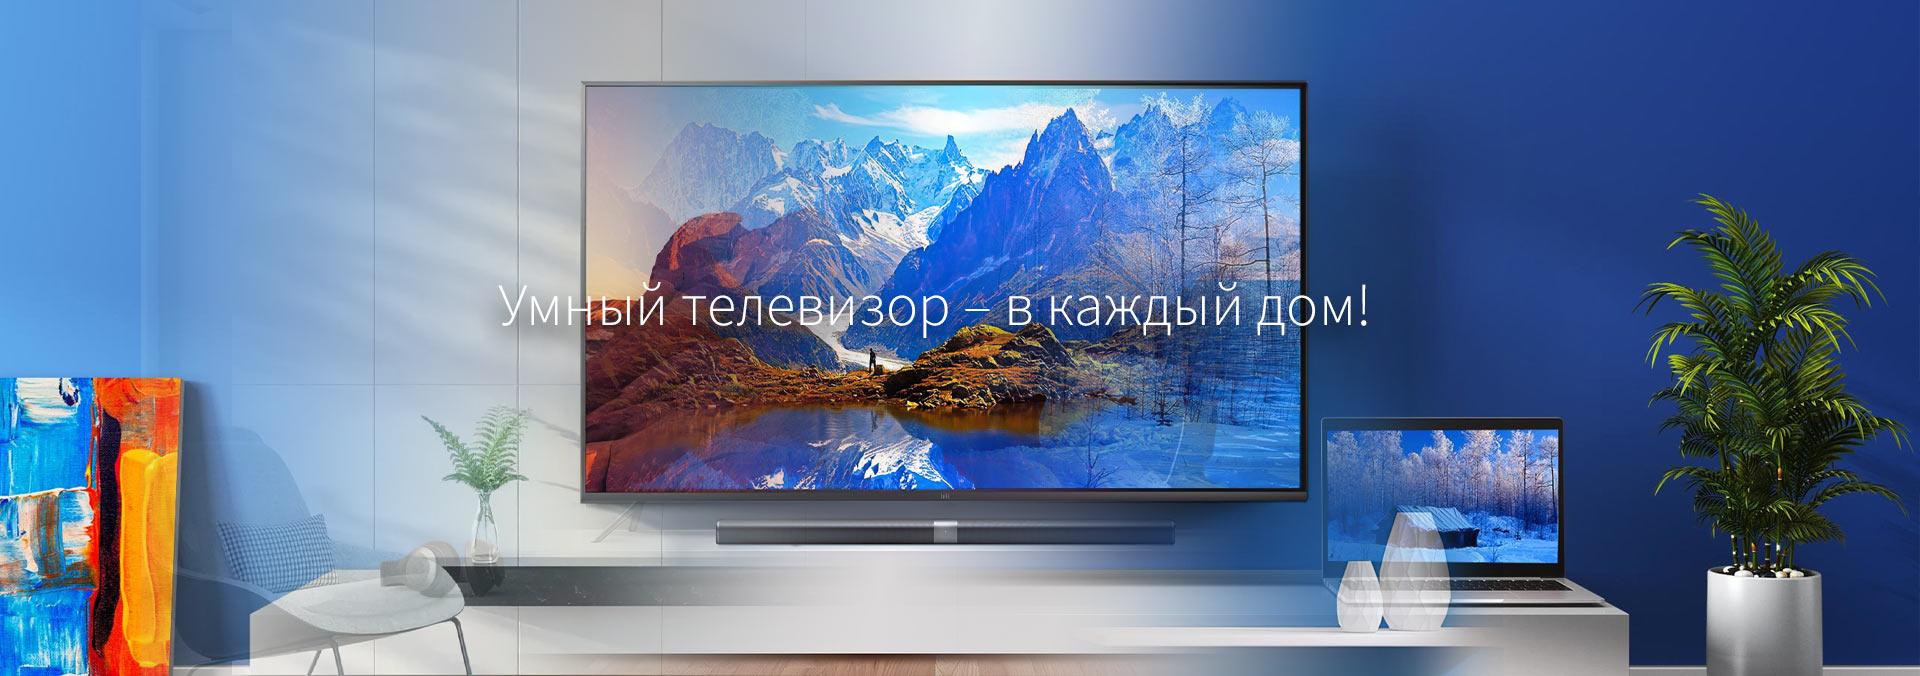 Xiaomi MI TV купить в СПб